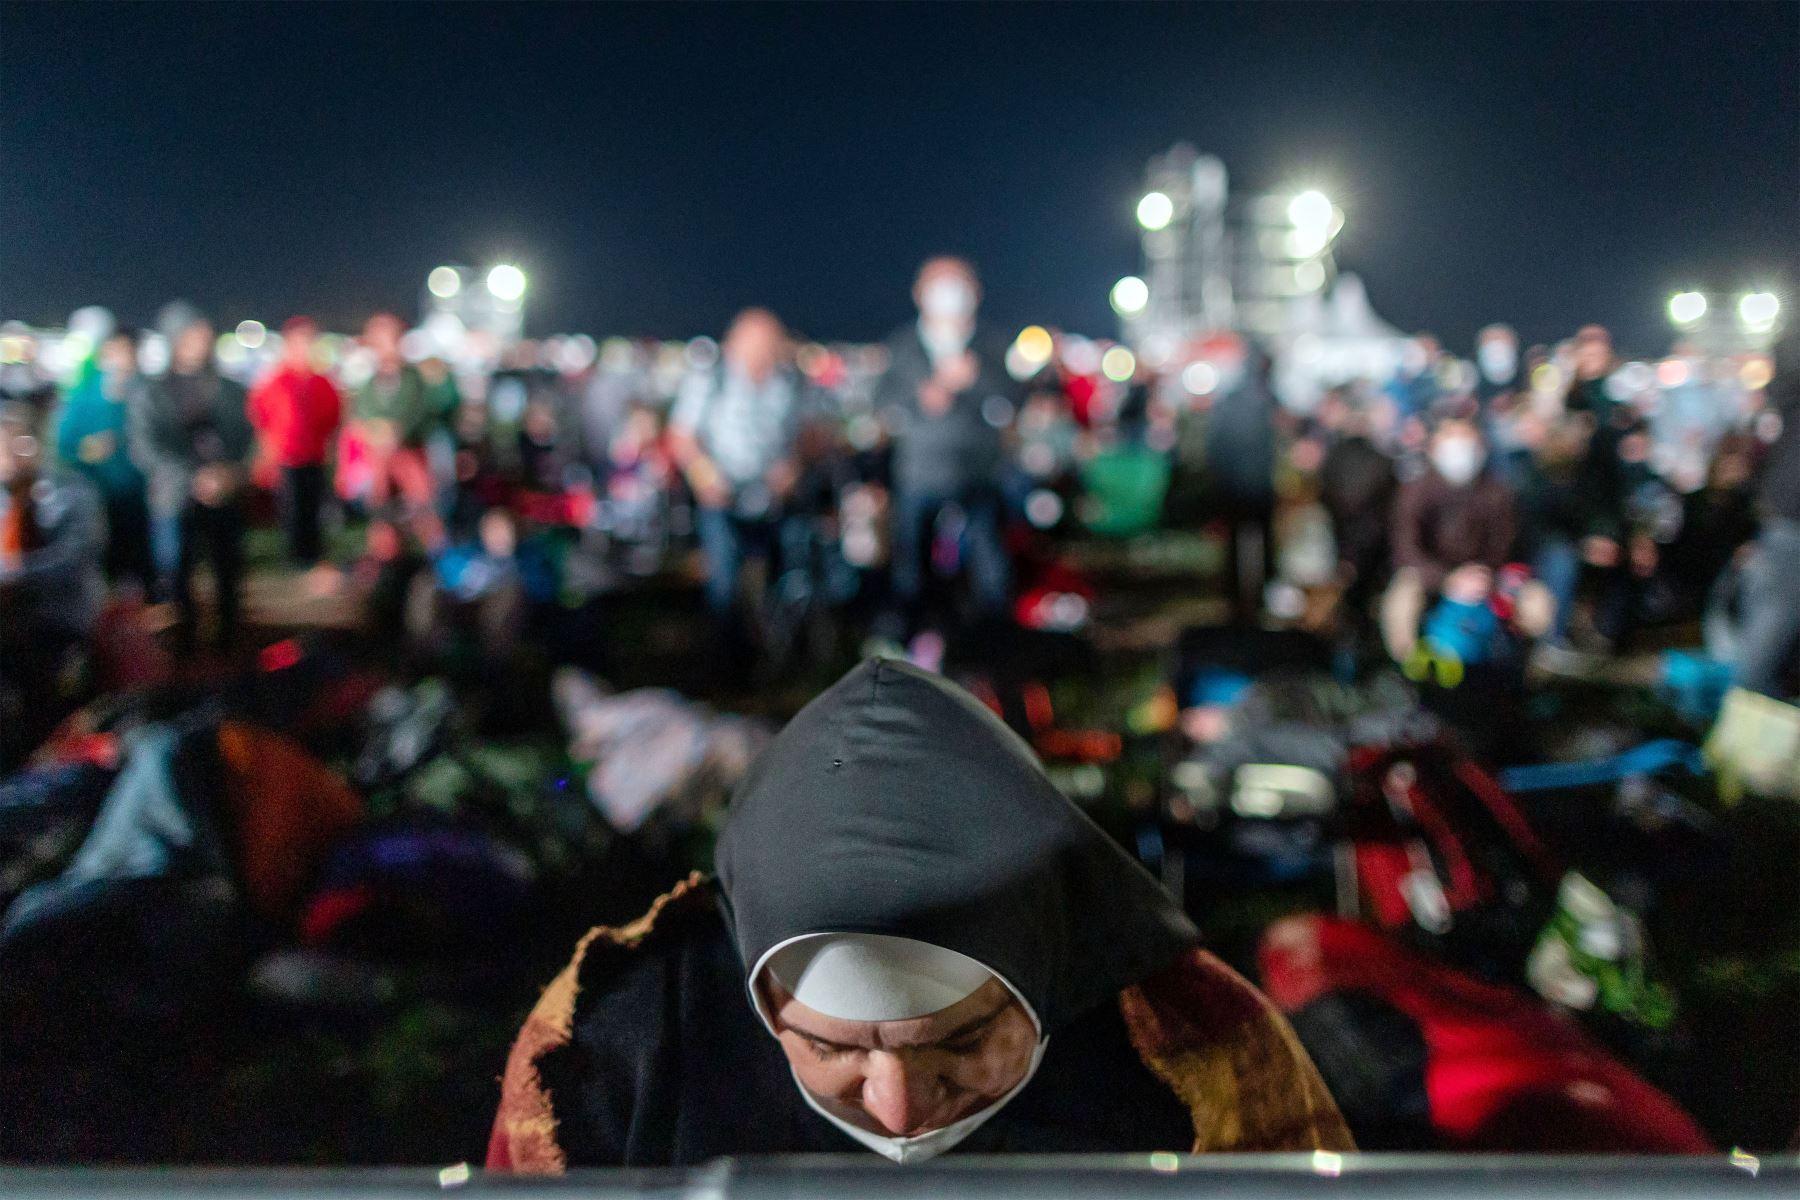 Los fieles que acamparon durante la noche esperan en el lugar de la Santa Misa al aire libre que celebrará el Papa Francisco en el Santuario Nacional en Sastin-Straze, a unos 70 km al norte de la capital eslovaca, Bratislava. Foto: AFP